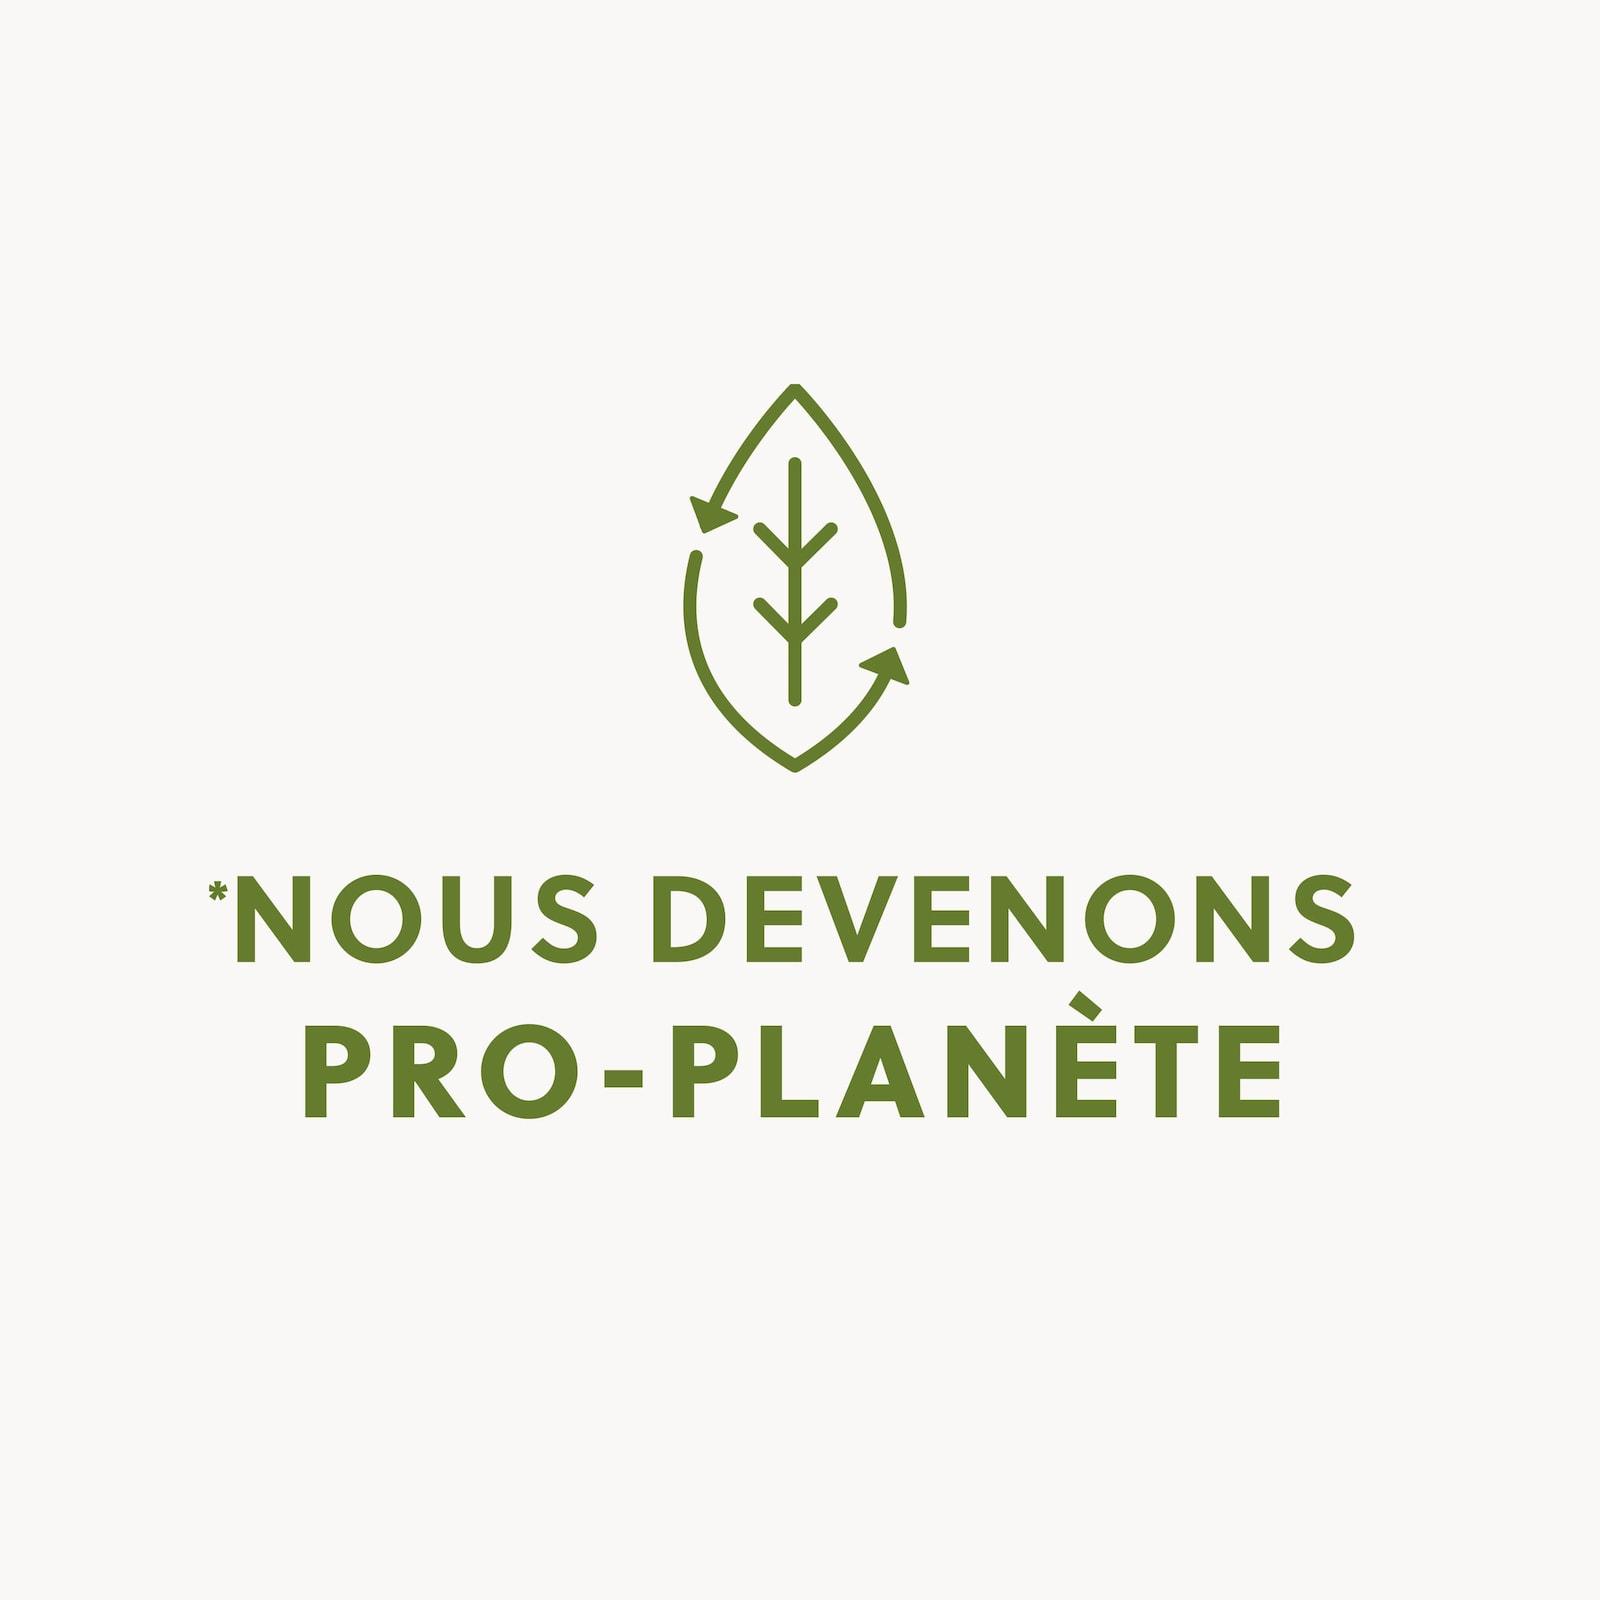 Nous Devenons Pro-Planete